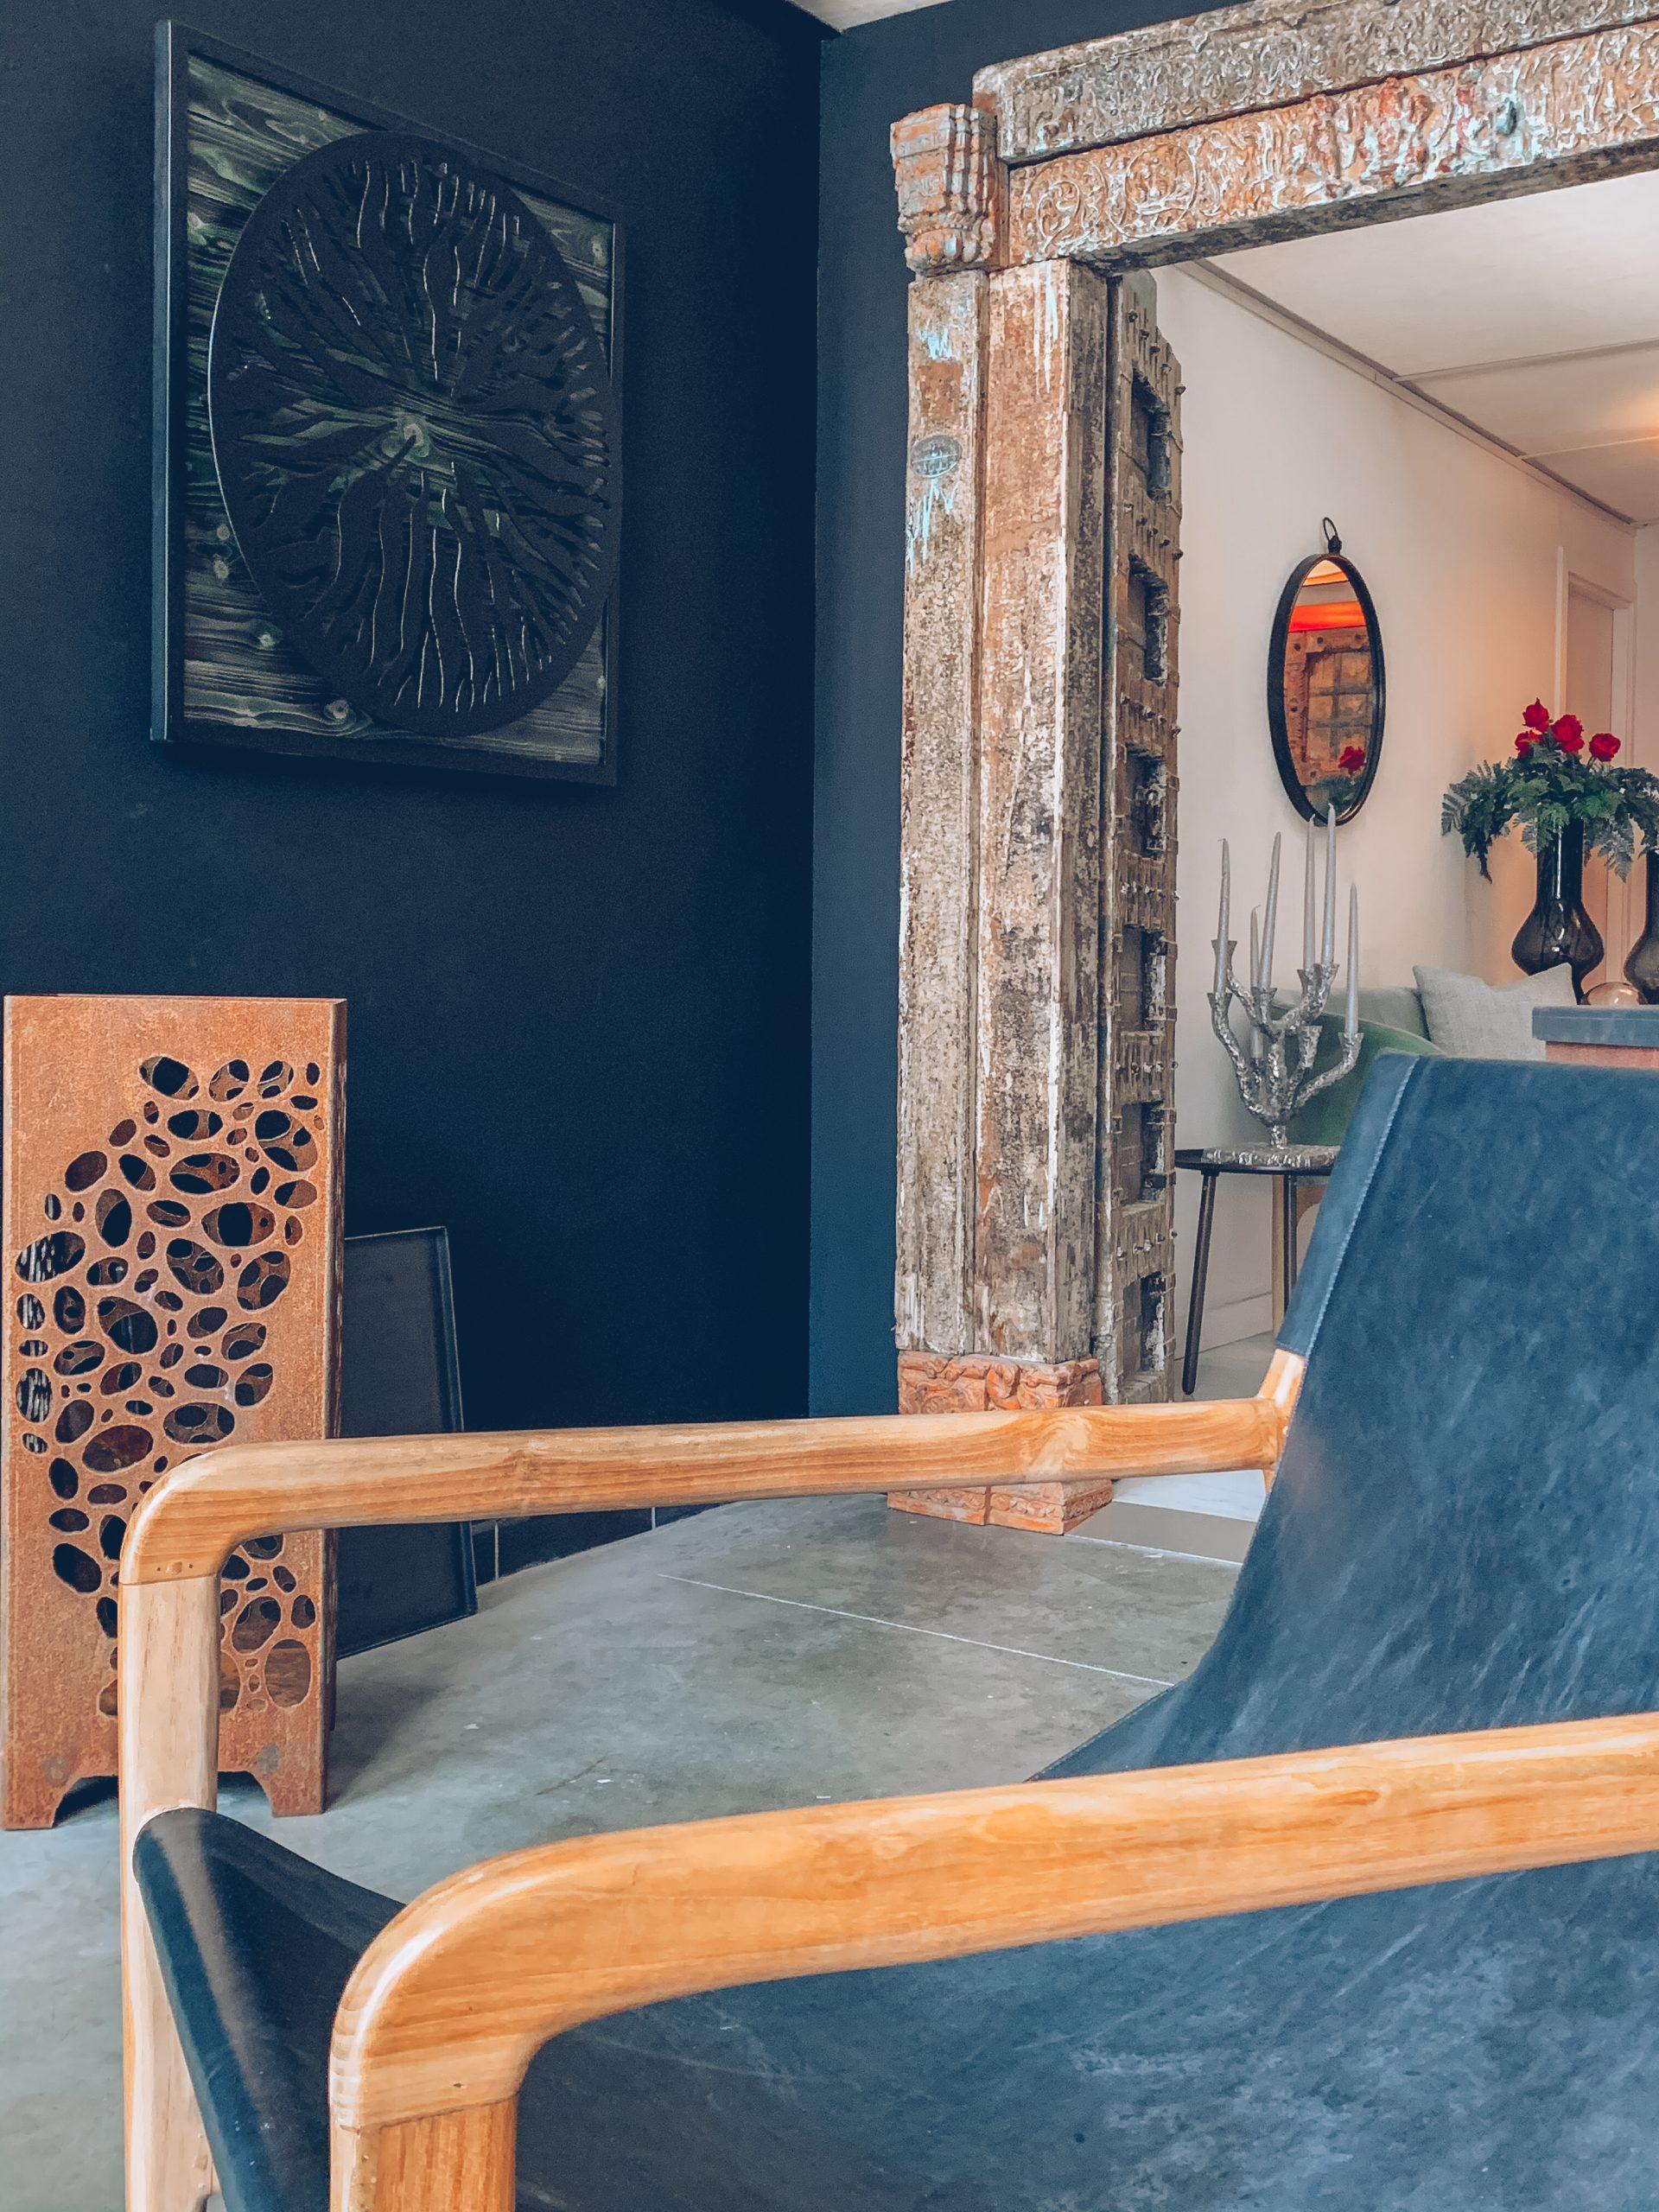 fauteuil noir et bois, décoration en bois, salon noir, cadre luxueux, décoration intérieure, designers belges, magasin de décoration belgique, jn interiors, jour et nuit liège verviers